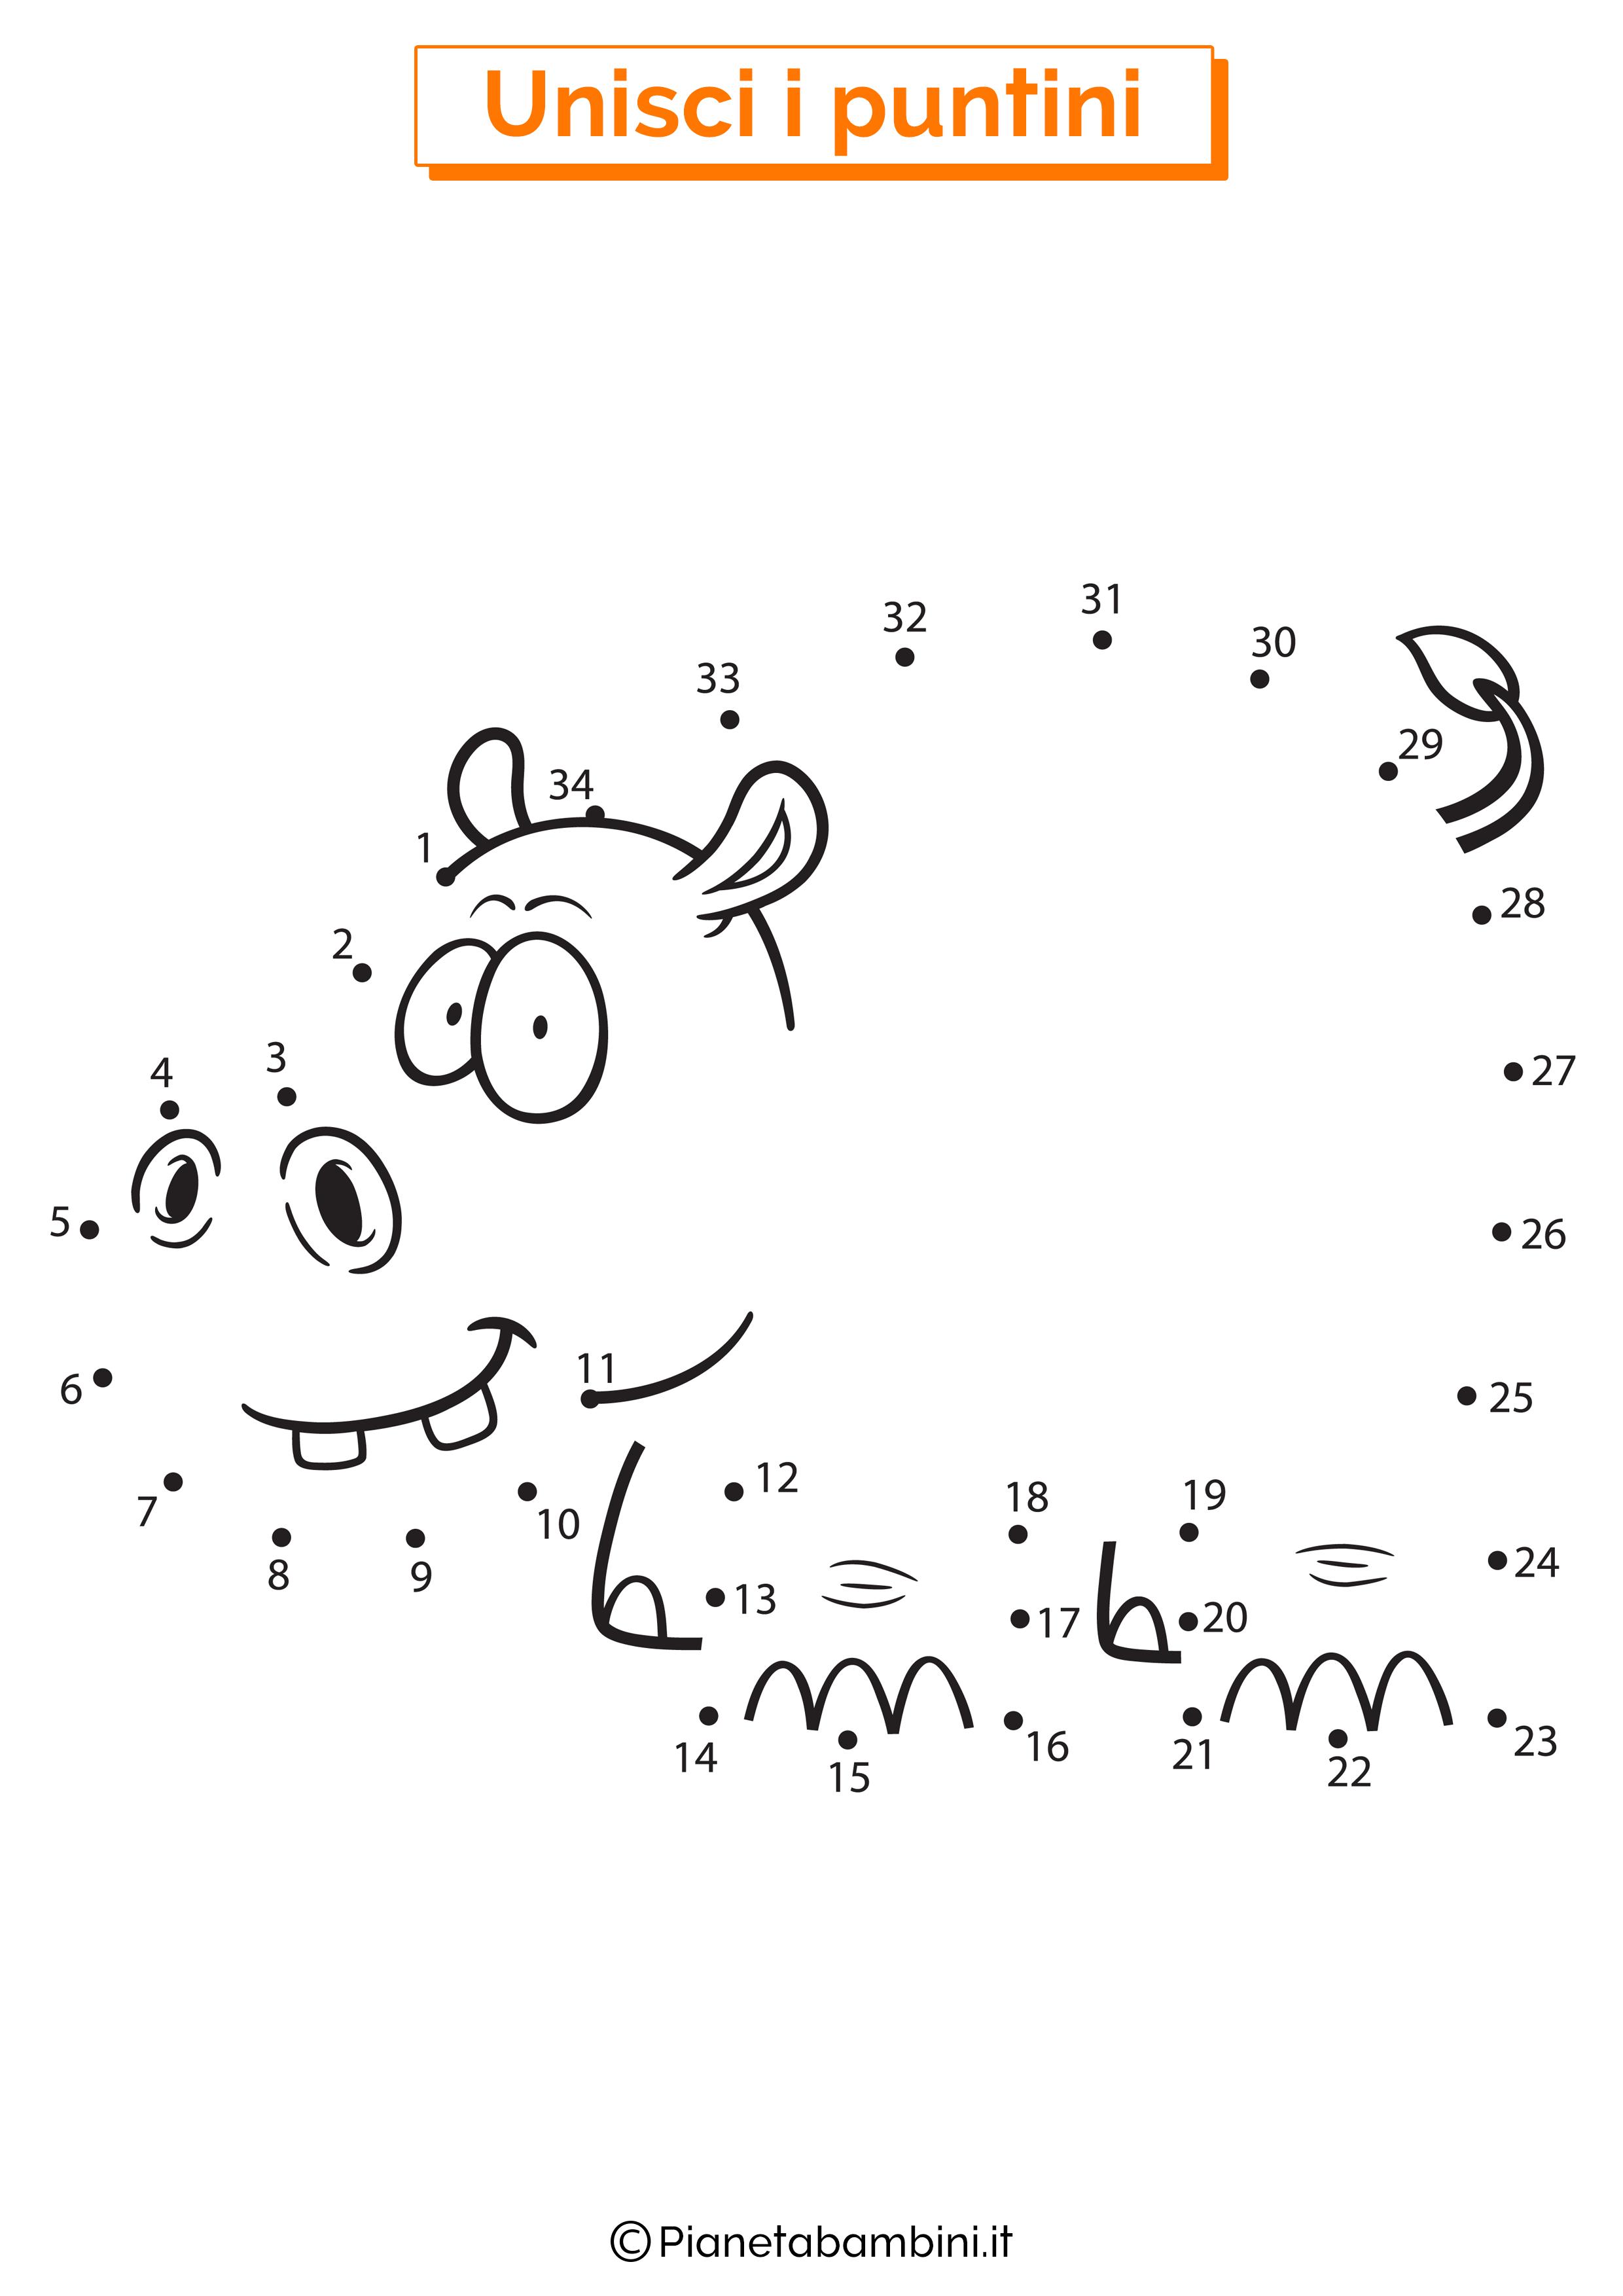 Disegno unisci i puntini 1-40 ippopotamo